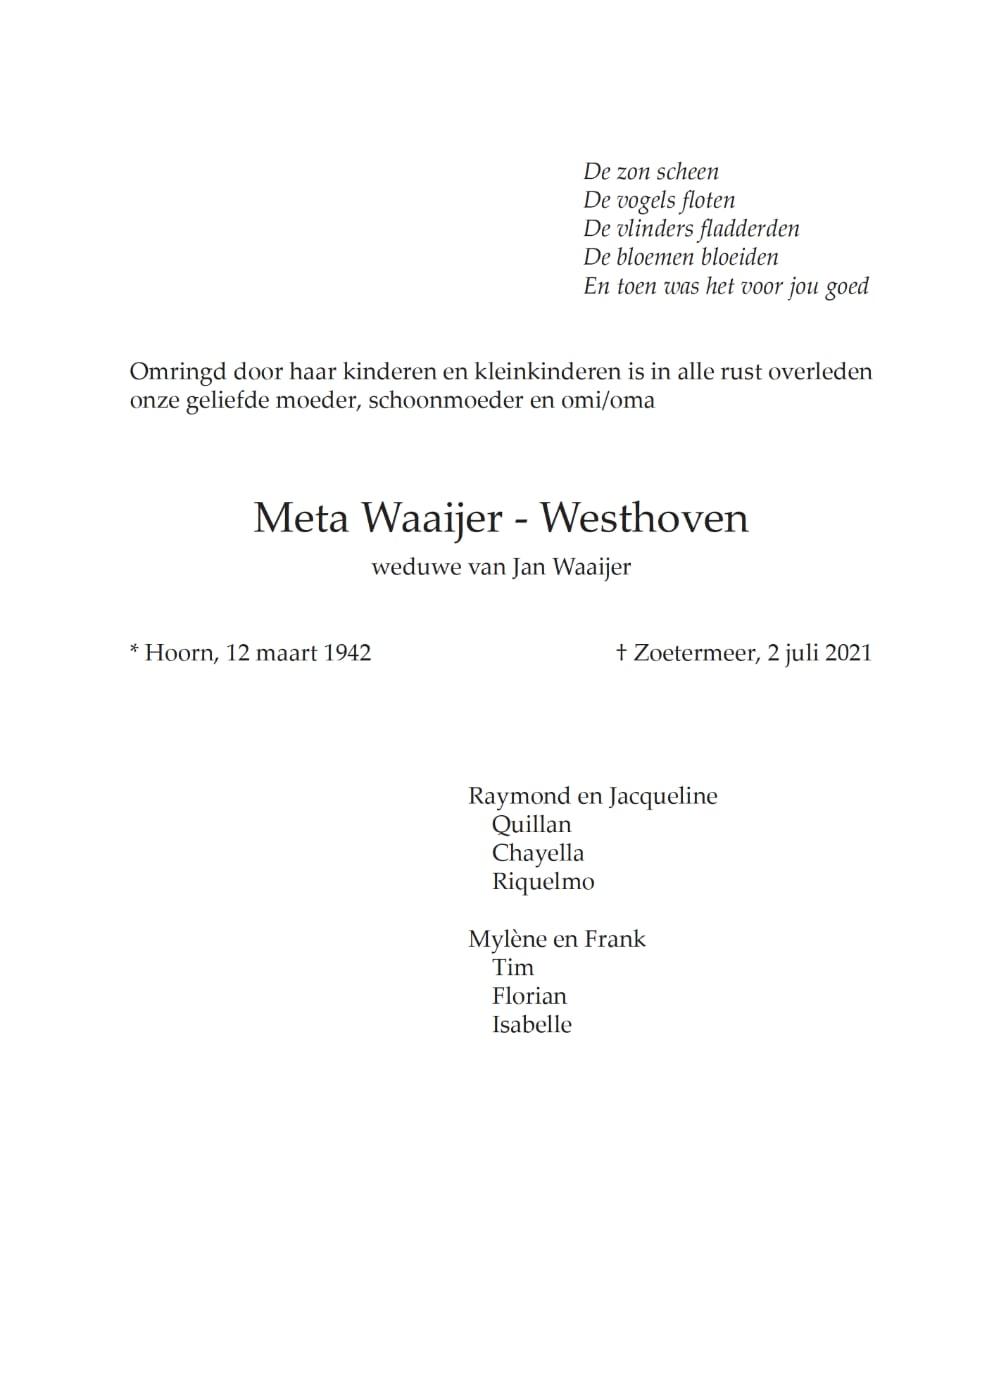 Rouwkaart midden rechts Meta Waaijer - Westhoven